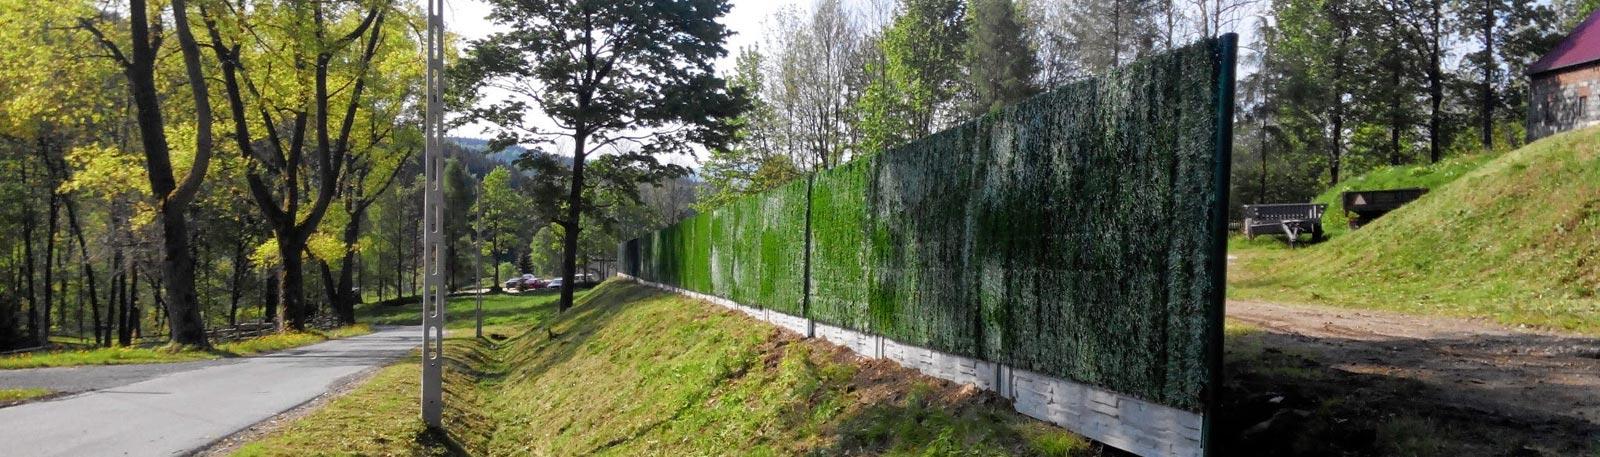 Montaż ogrodzenia dla belgijskiej szkoły w Genk